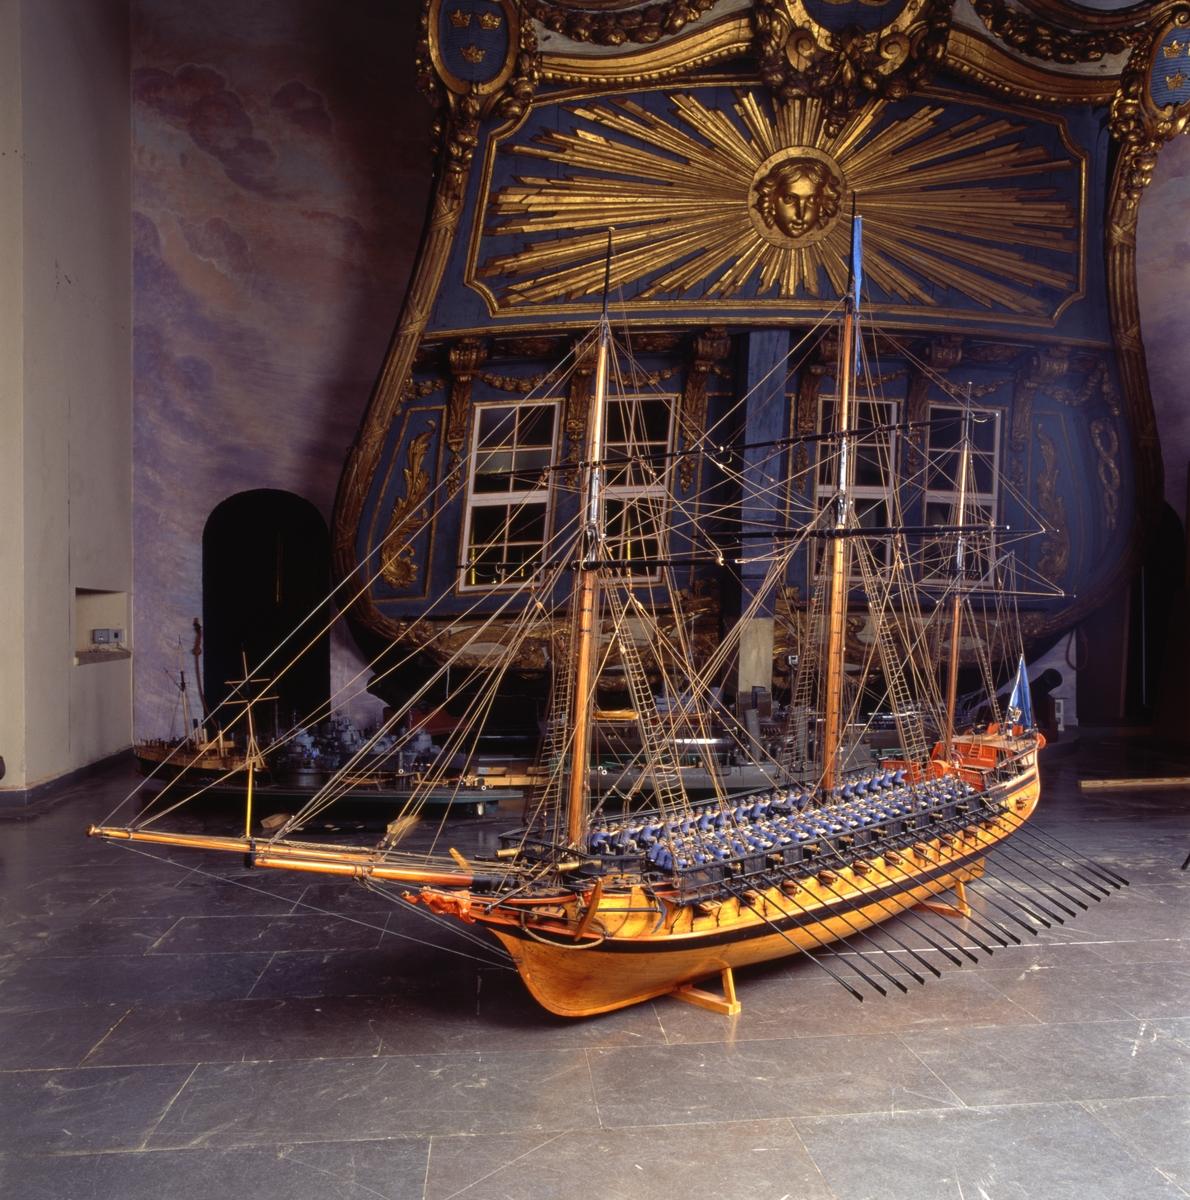 """Fartygsmodell, skärgårdsfregatt, turuma Lodbrok, Chapmans konstruktion. Tremastad, riggad utan segel med blå flagg och vimpel. 19 par årtullar. 20 st åror. 2 st bärlingar. Bordläggning på spant med däcksinredning, skulpterad, rödmålad akterspegel med namnet """"Lodbrok"""" samt kartuscher, en med vasakärve och två med stjärnstrålar. Galjonsfigur, röd. Fernissad med svart och rött berghult. Bastingage svart. Rår och toppar svarta. Däcksbyggnader röda. 52 kanoner av förgyllt trä. Kompletterad och restaurerad."""